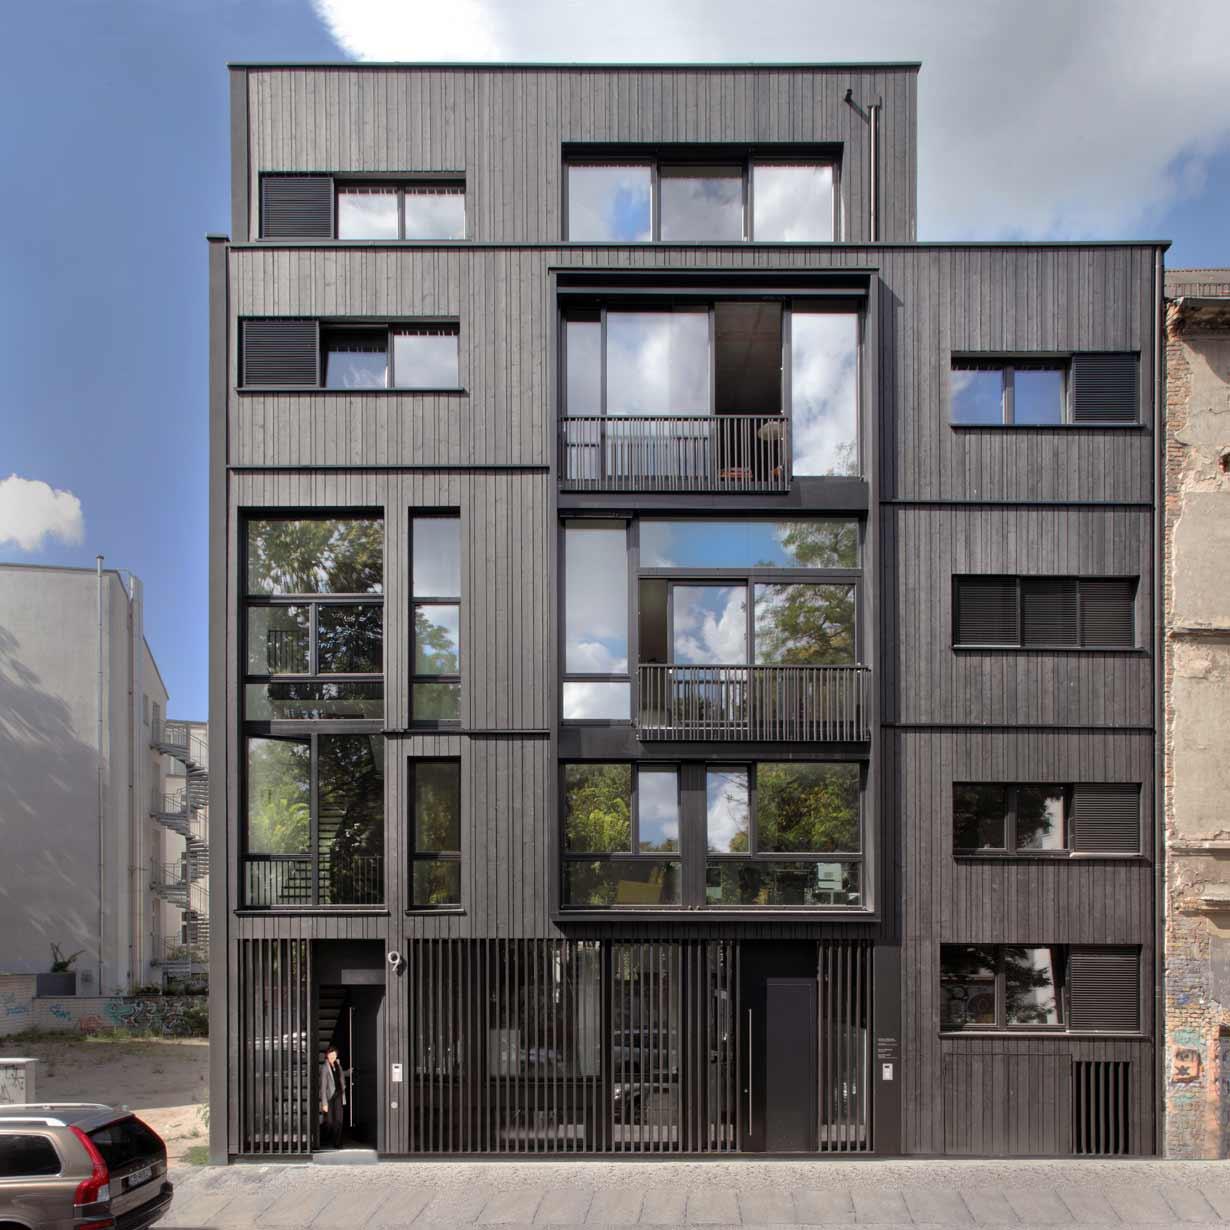 Architekten gartenhaus berlin my blog for Architekten in berlin